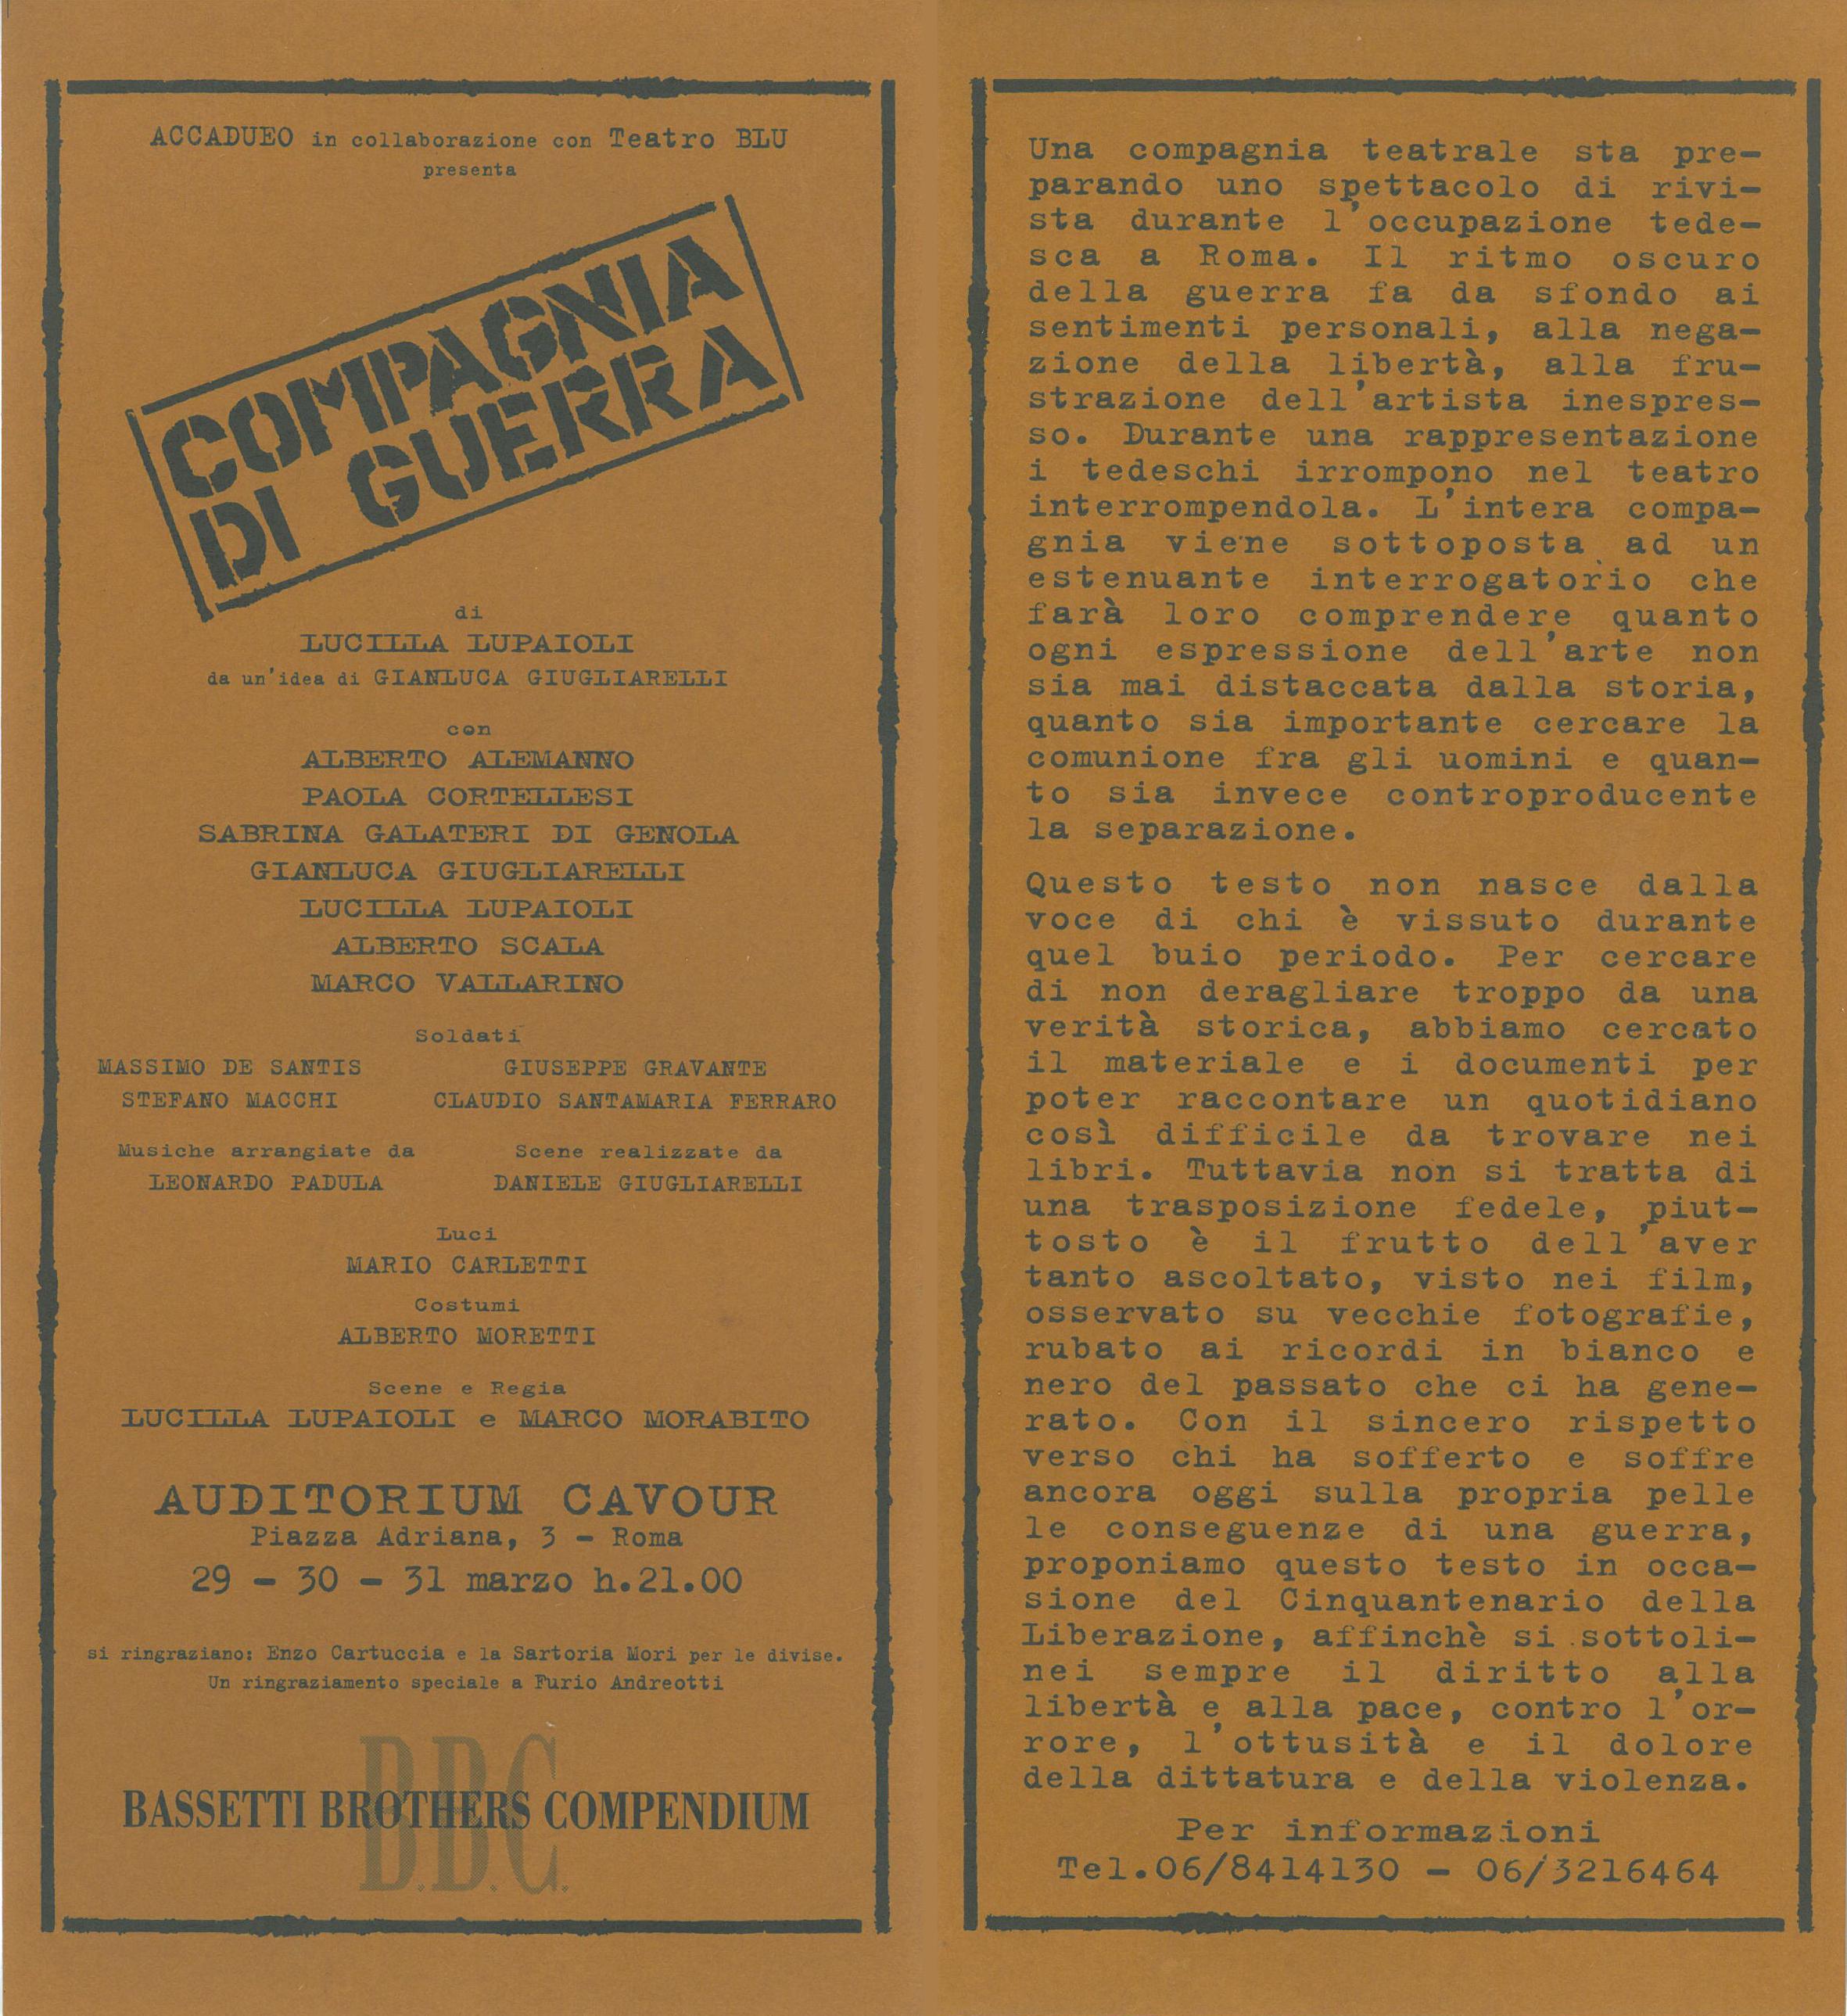 programma di sala di Compagnia di guerra, regia di Lucilla Lupaioli e Marco Morabito